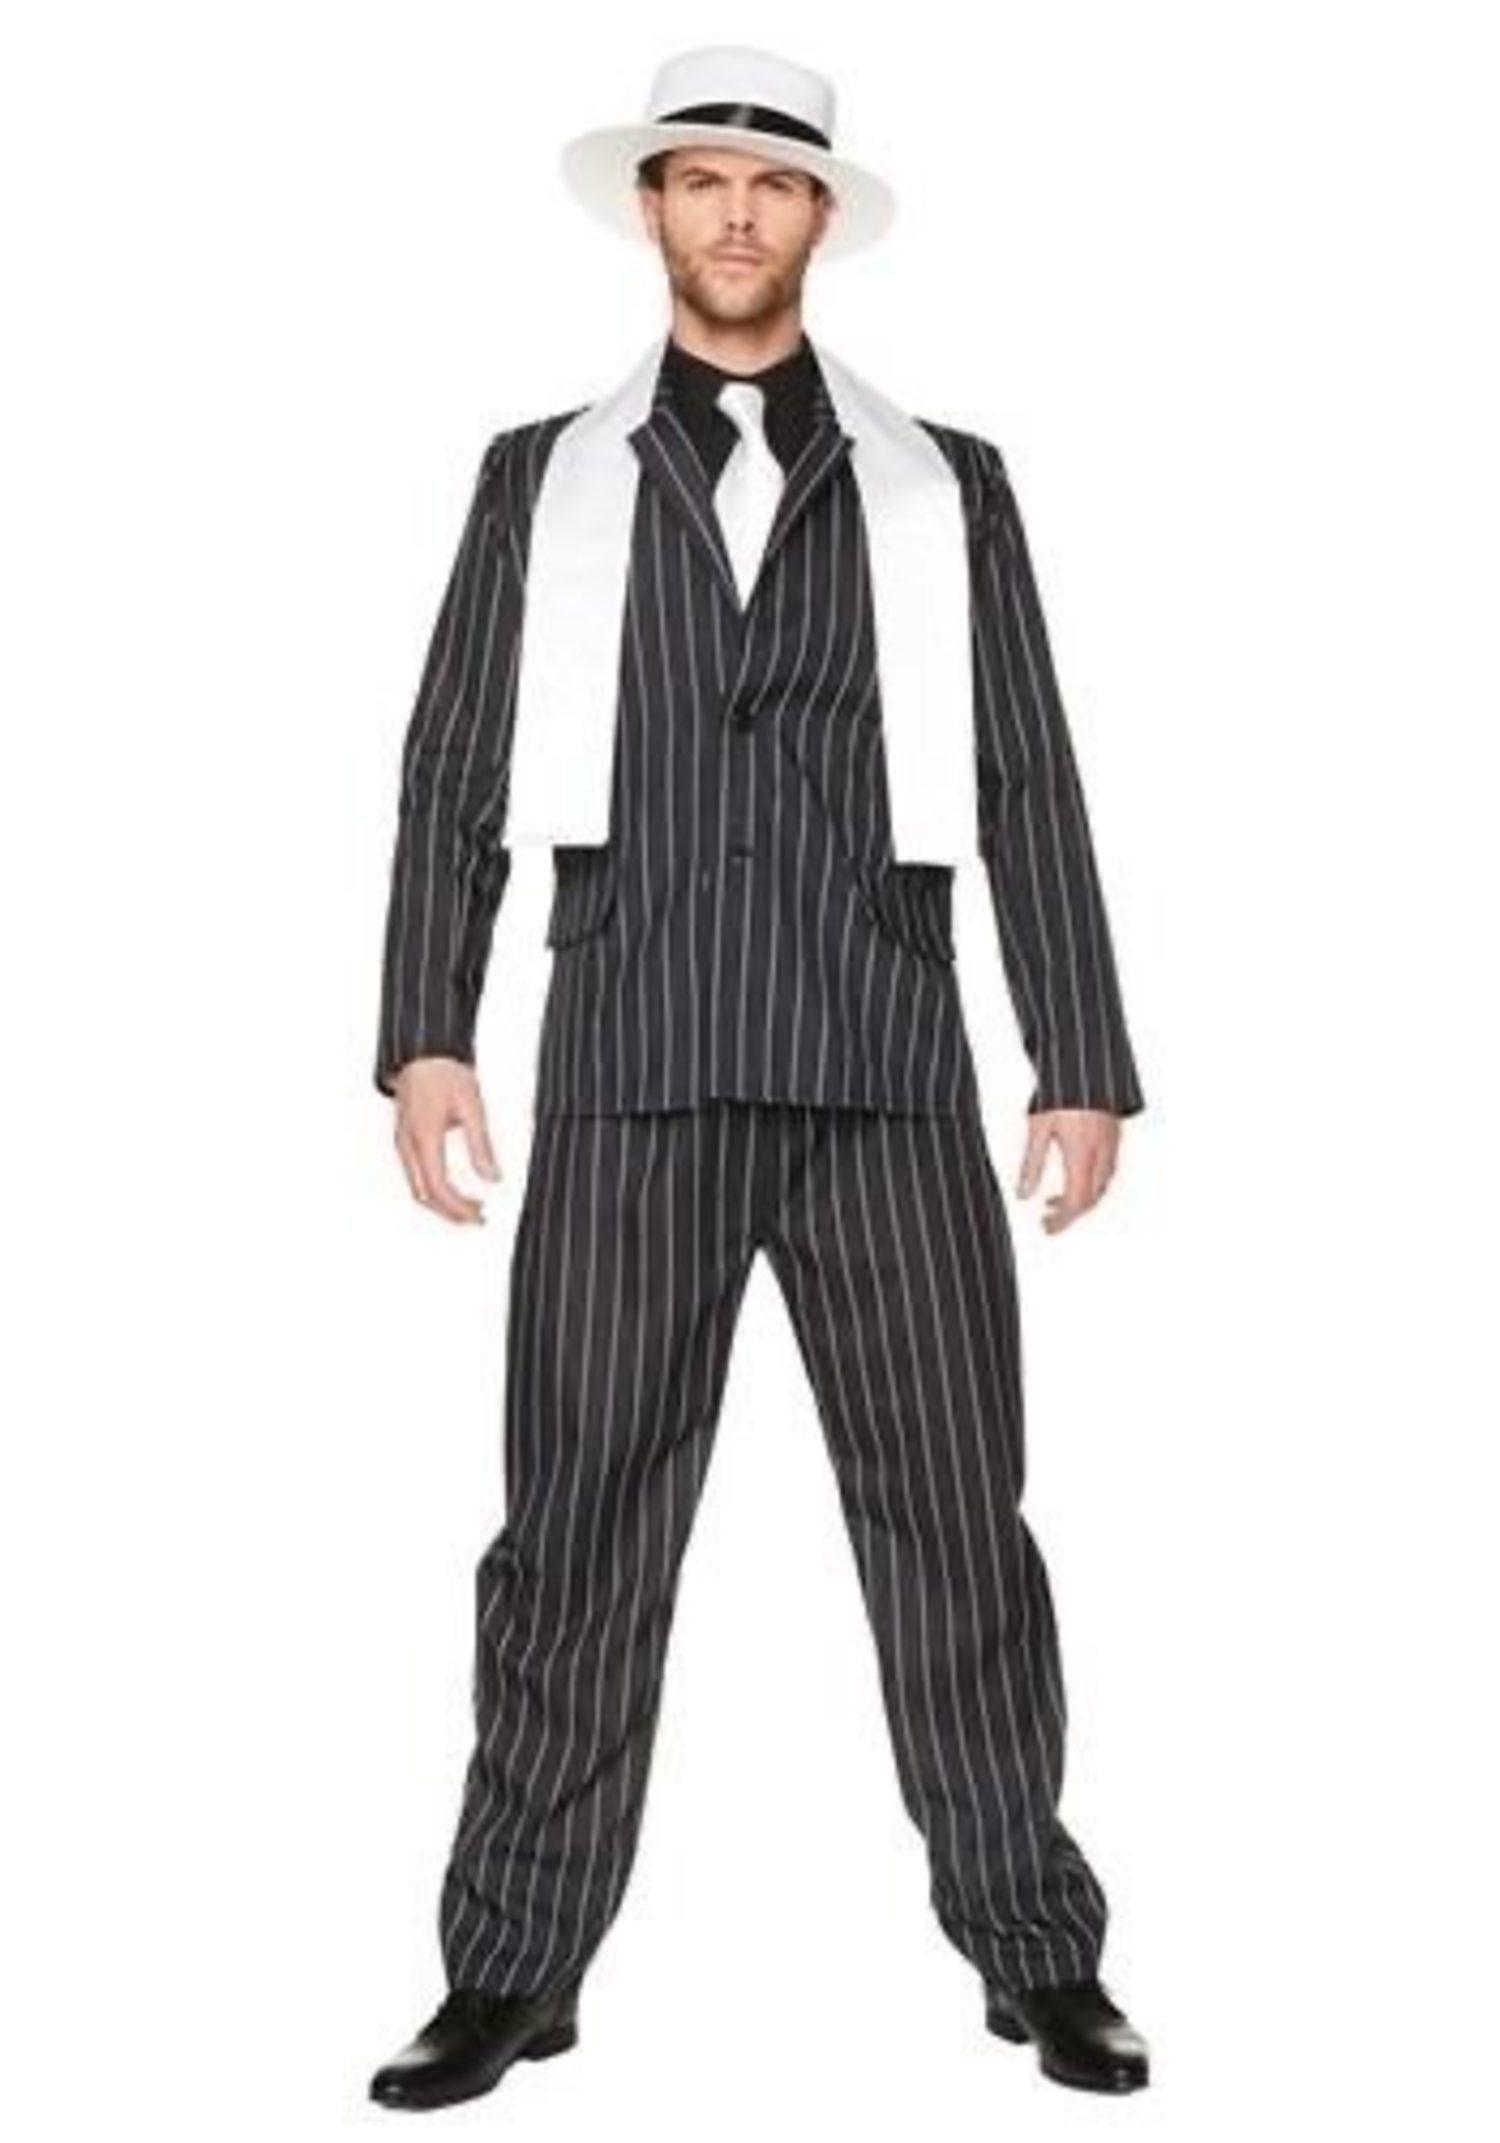 Los trajes de rayas y corbatas blancas eran la imitación perfecta de un gangster.